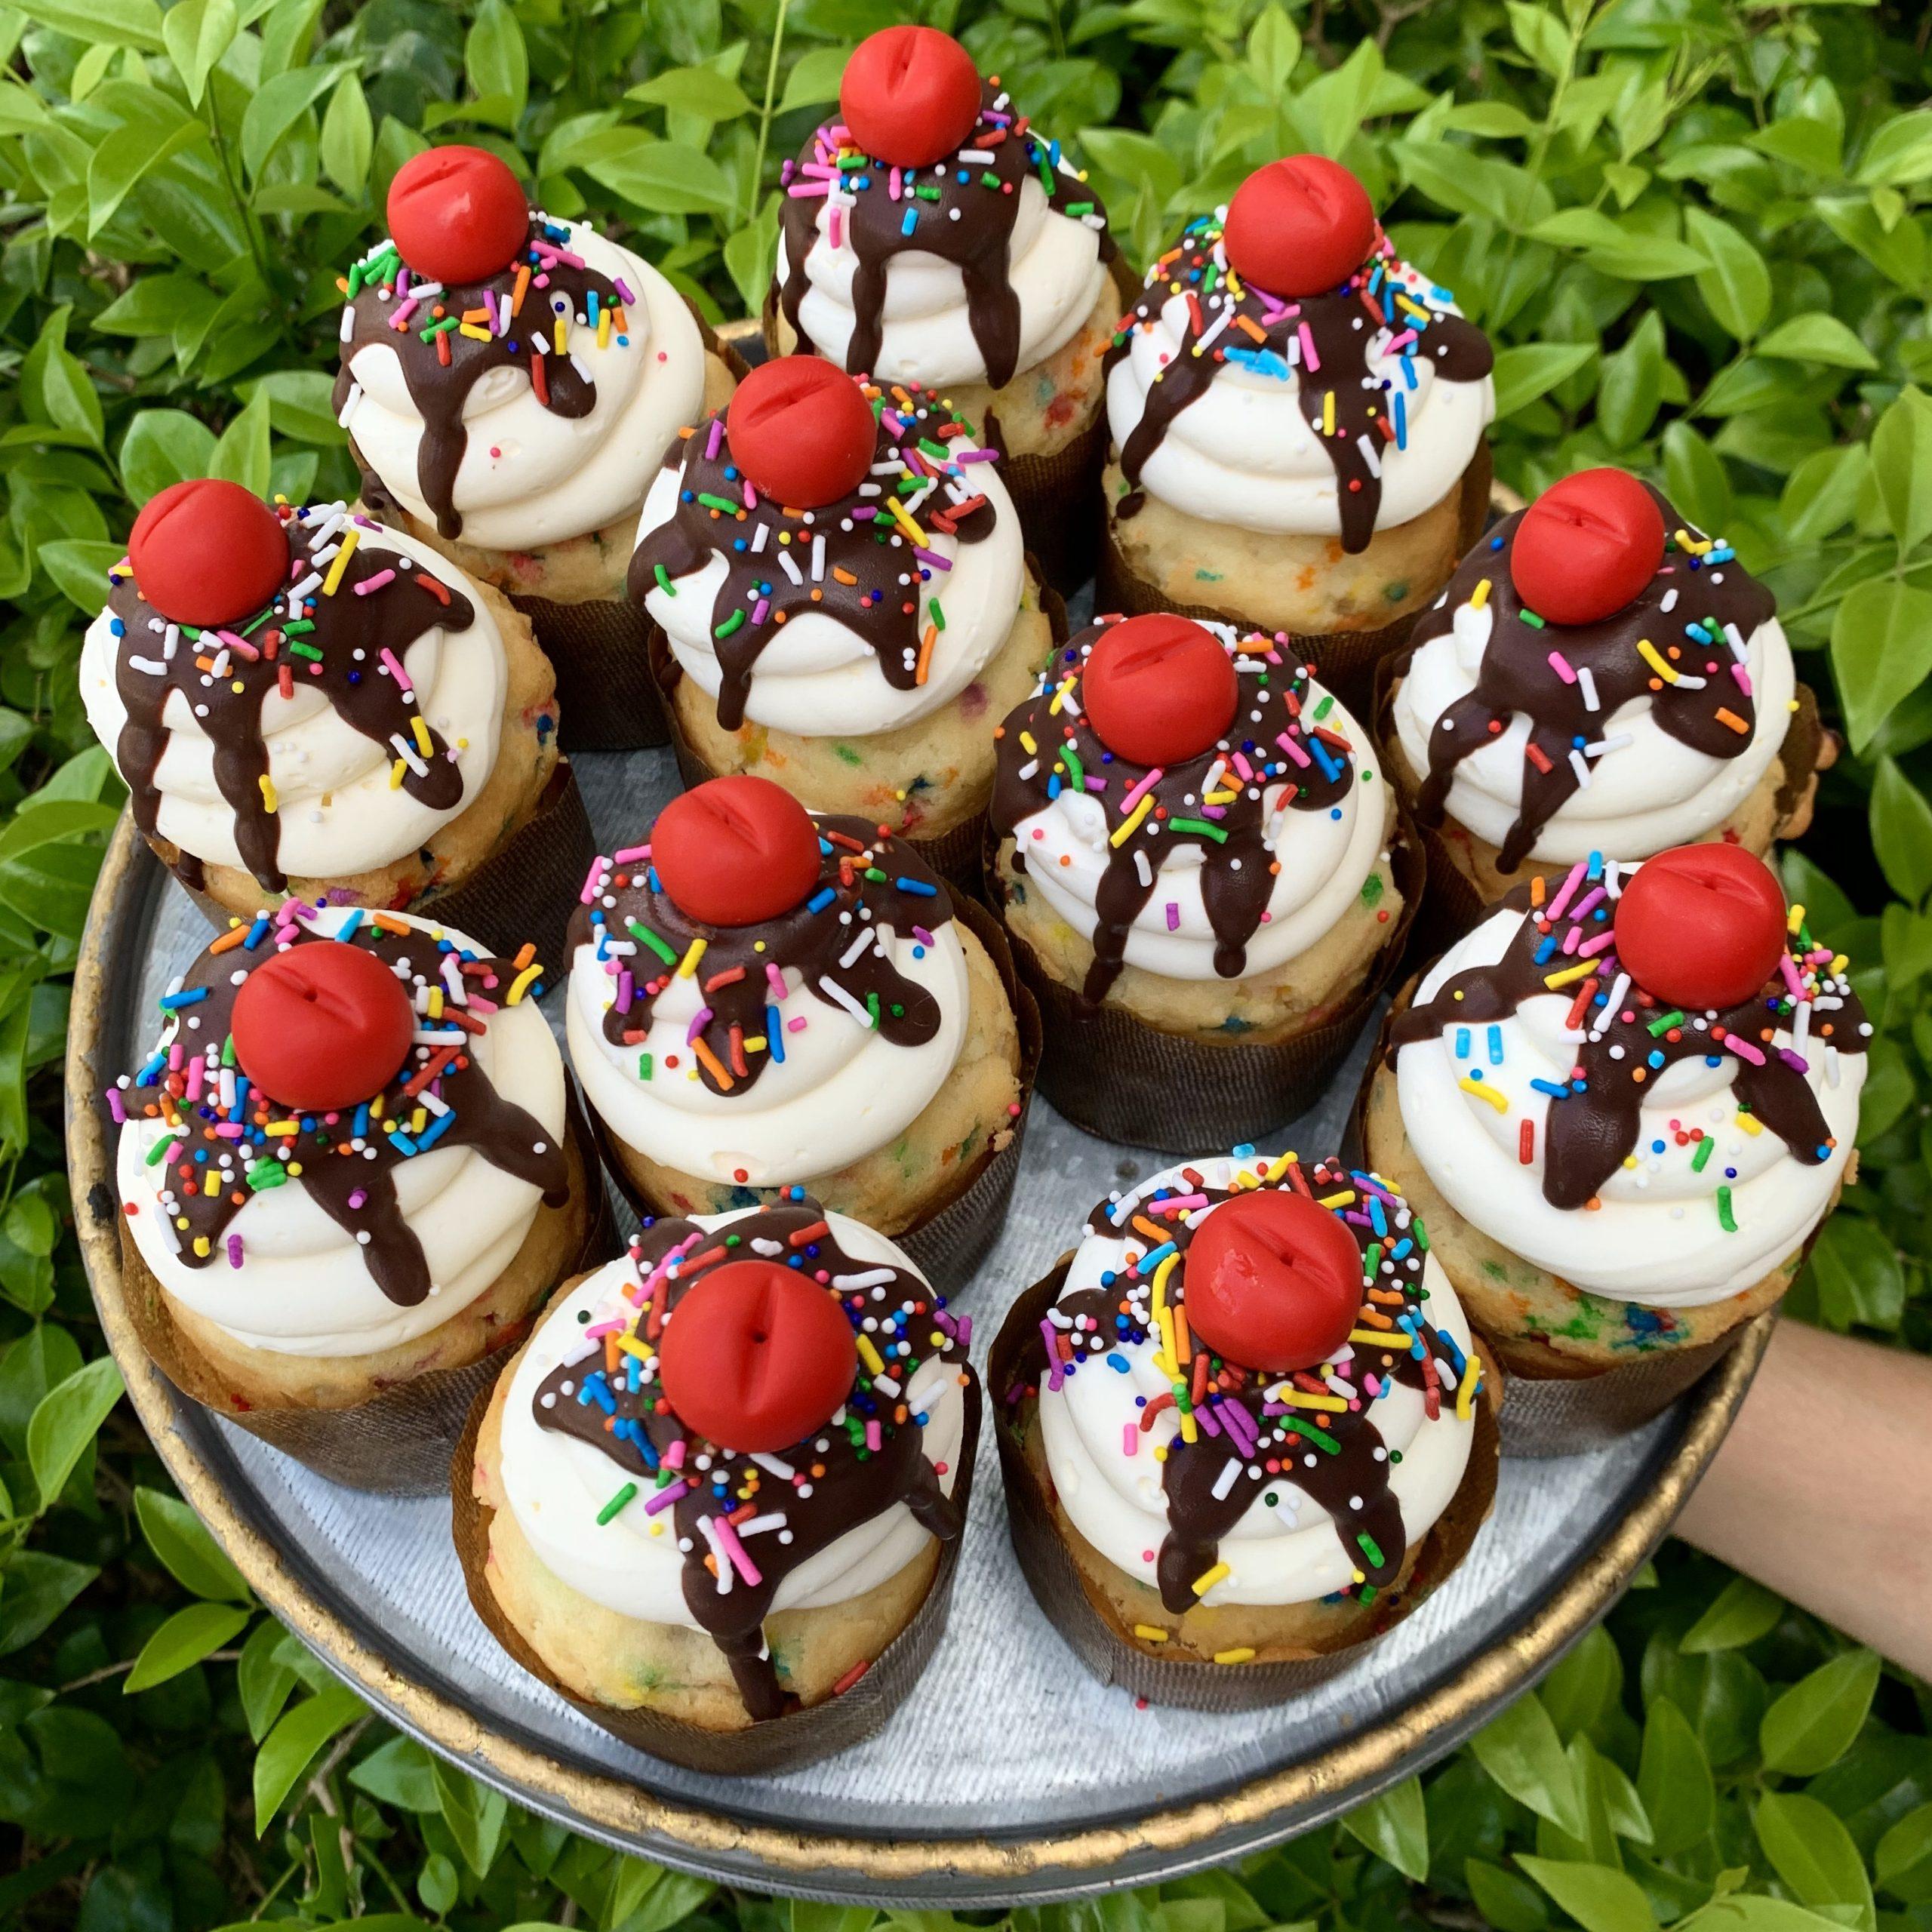 Week 4: Sundae Cupcake Baking & Decorating